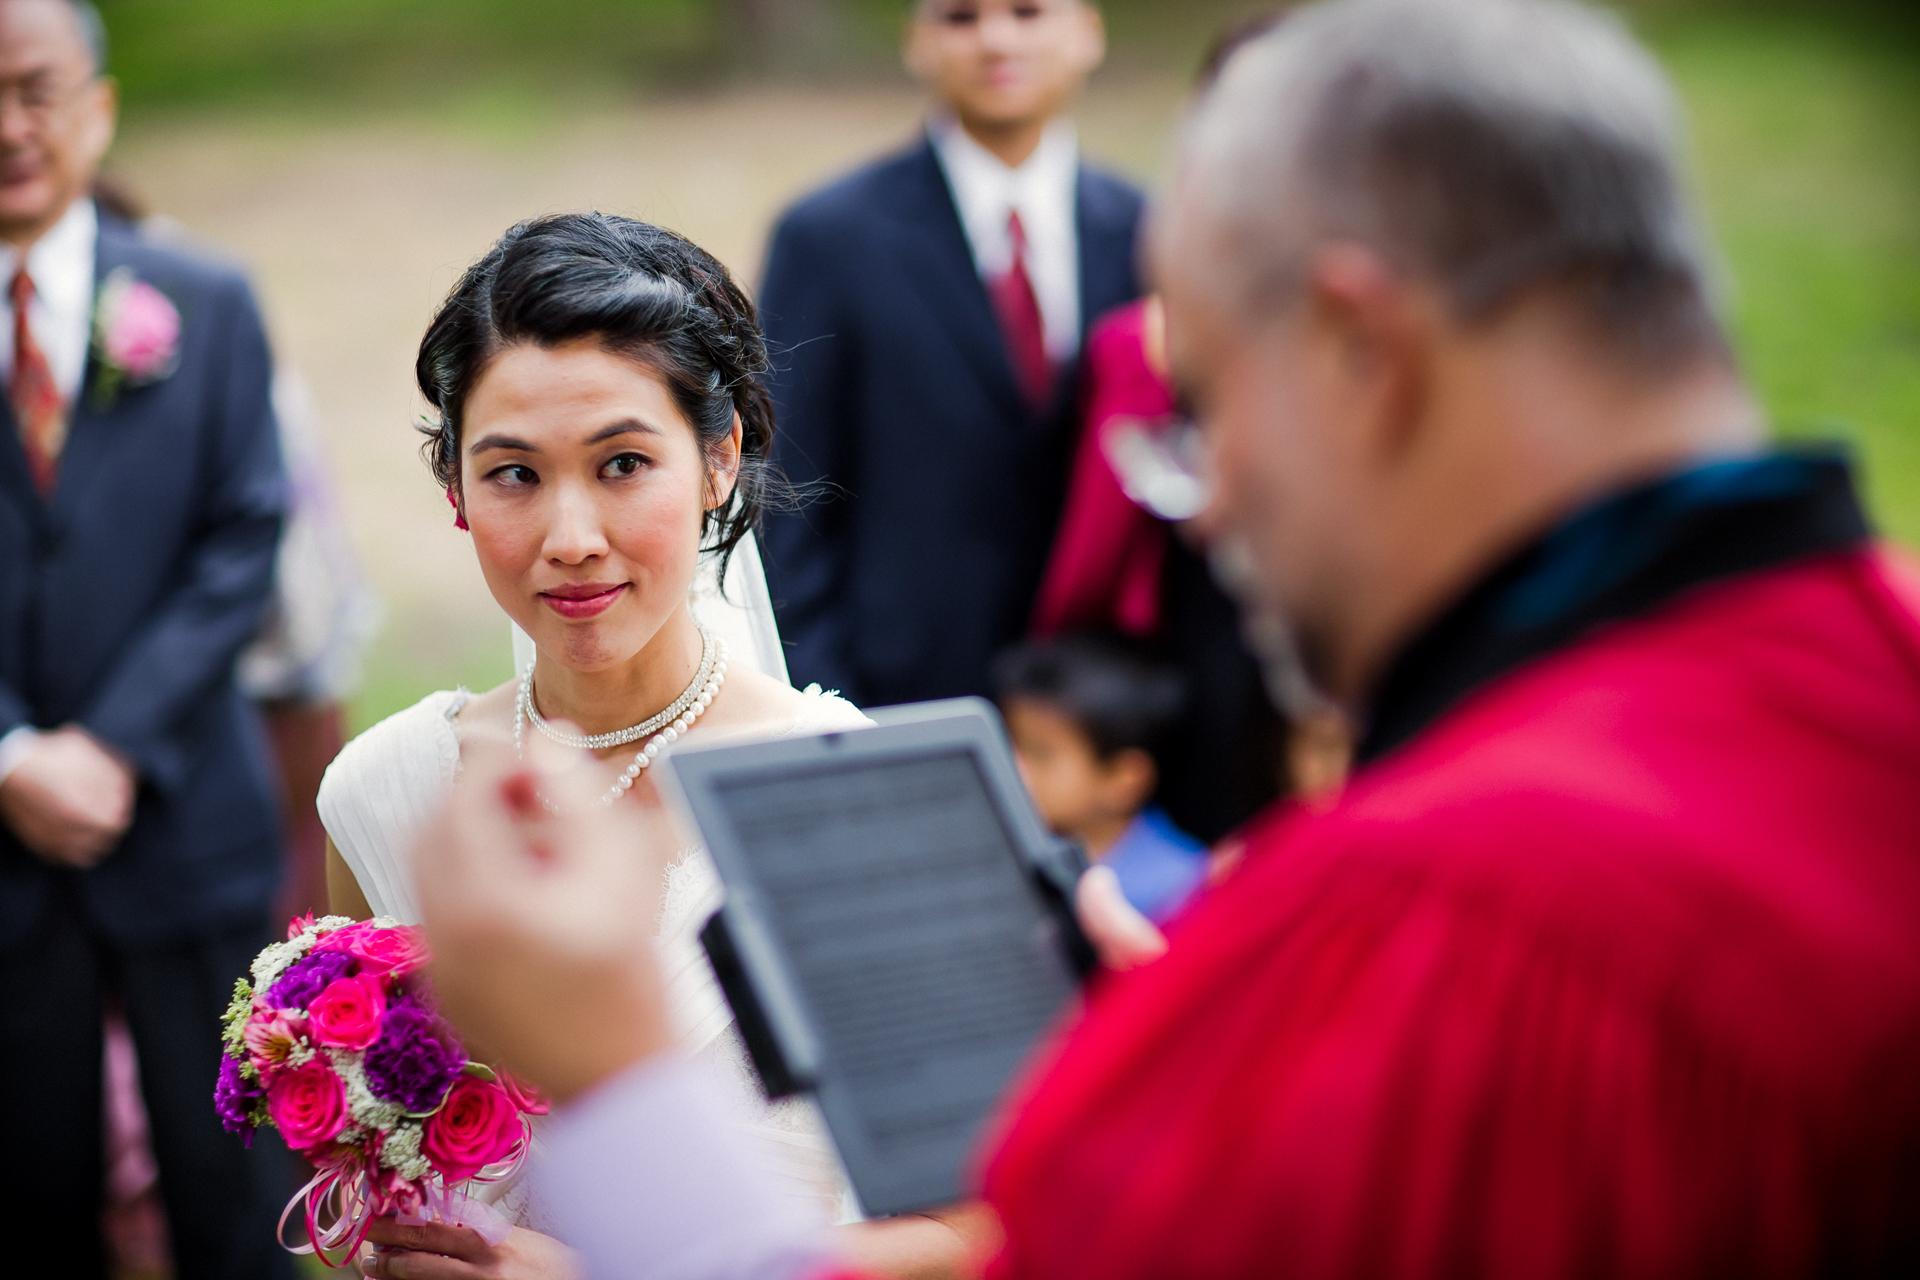 San Francisco Park Elopement Zeremonie Fotografie | Die Braut beobachtet und hört dem Offizier zu, während er spricht